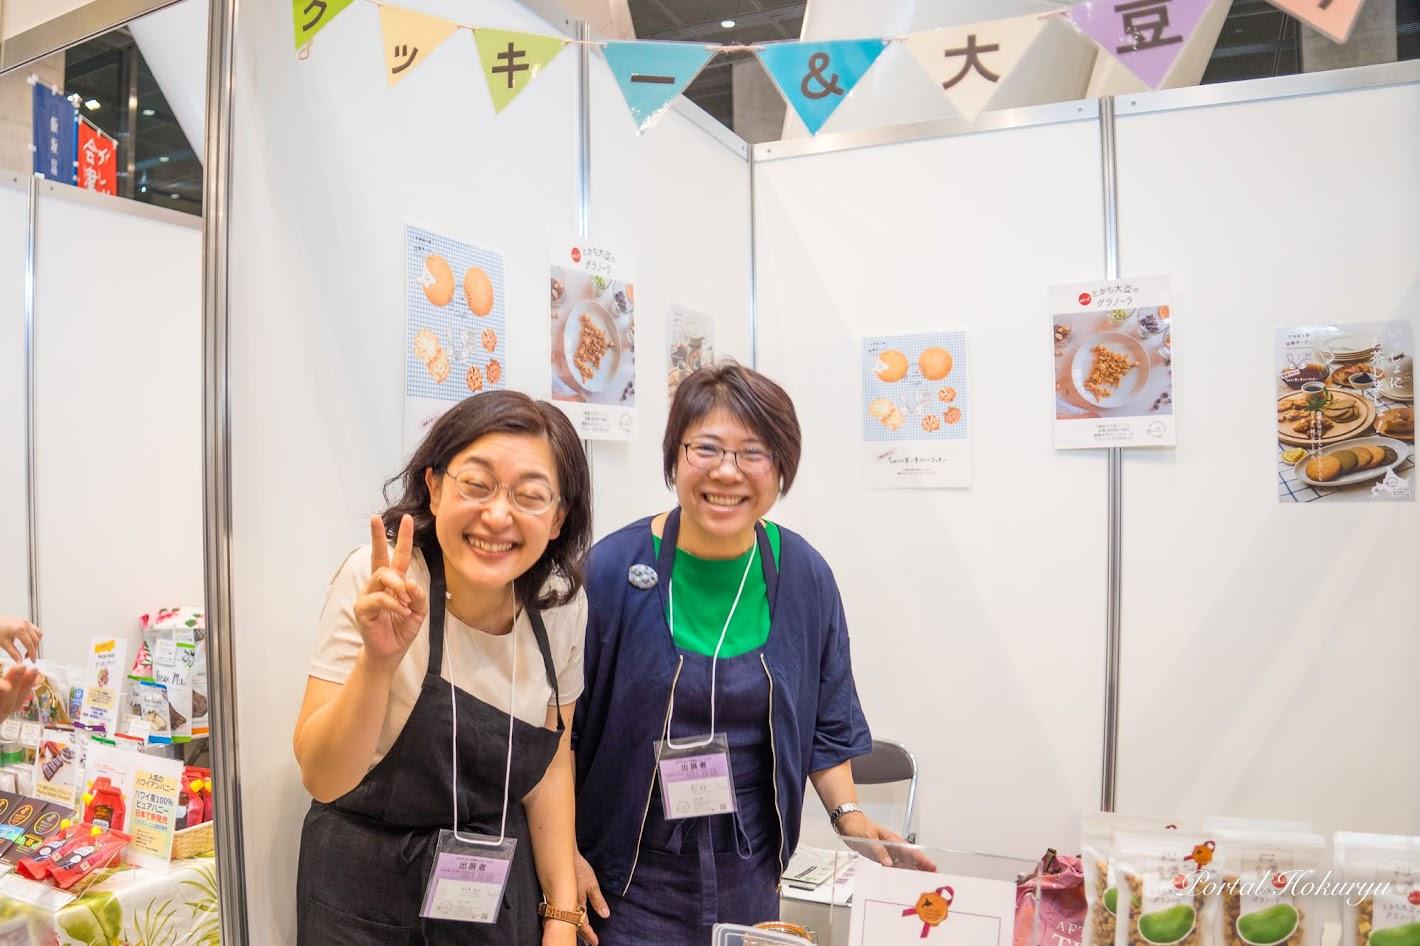 晴cafe 低糖オーブン(帯広市)・影山善美さん(右)、安久澤智子さん(左)